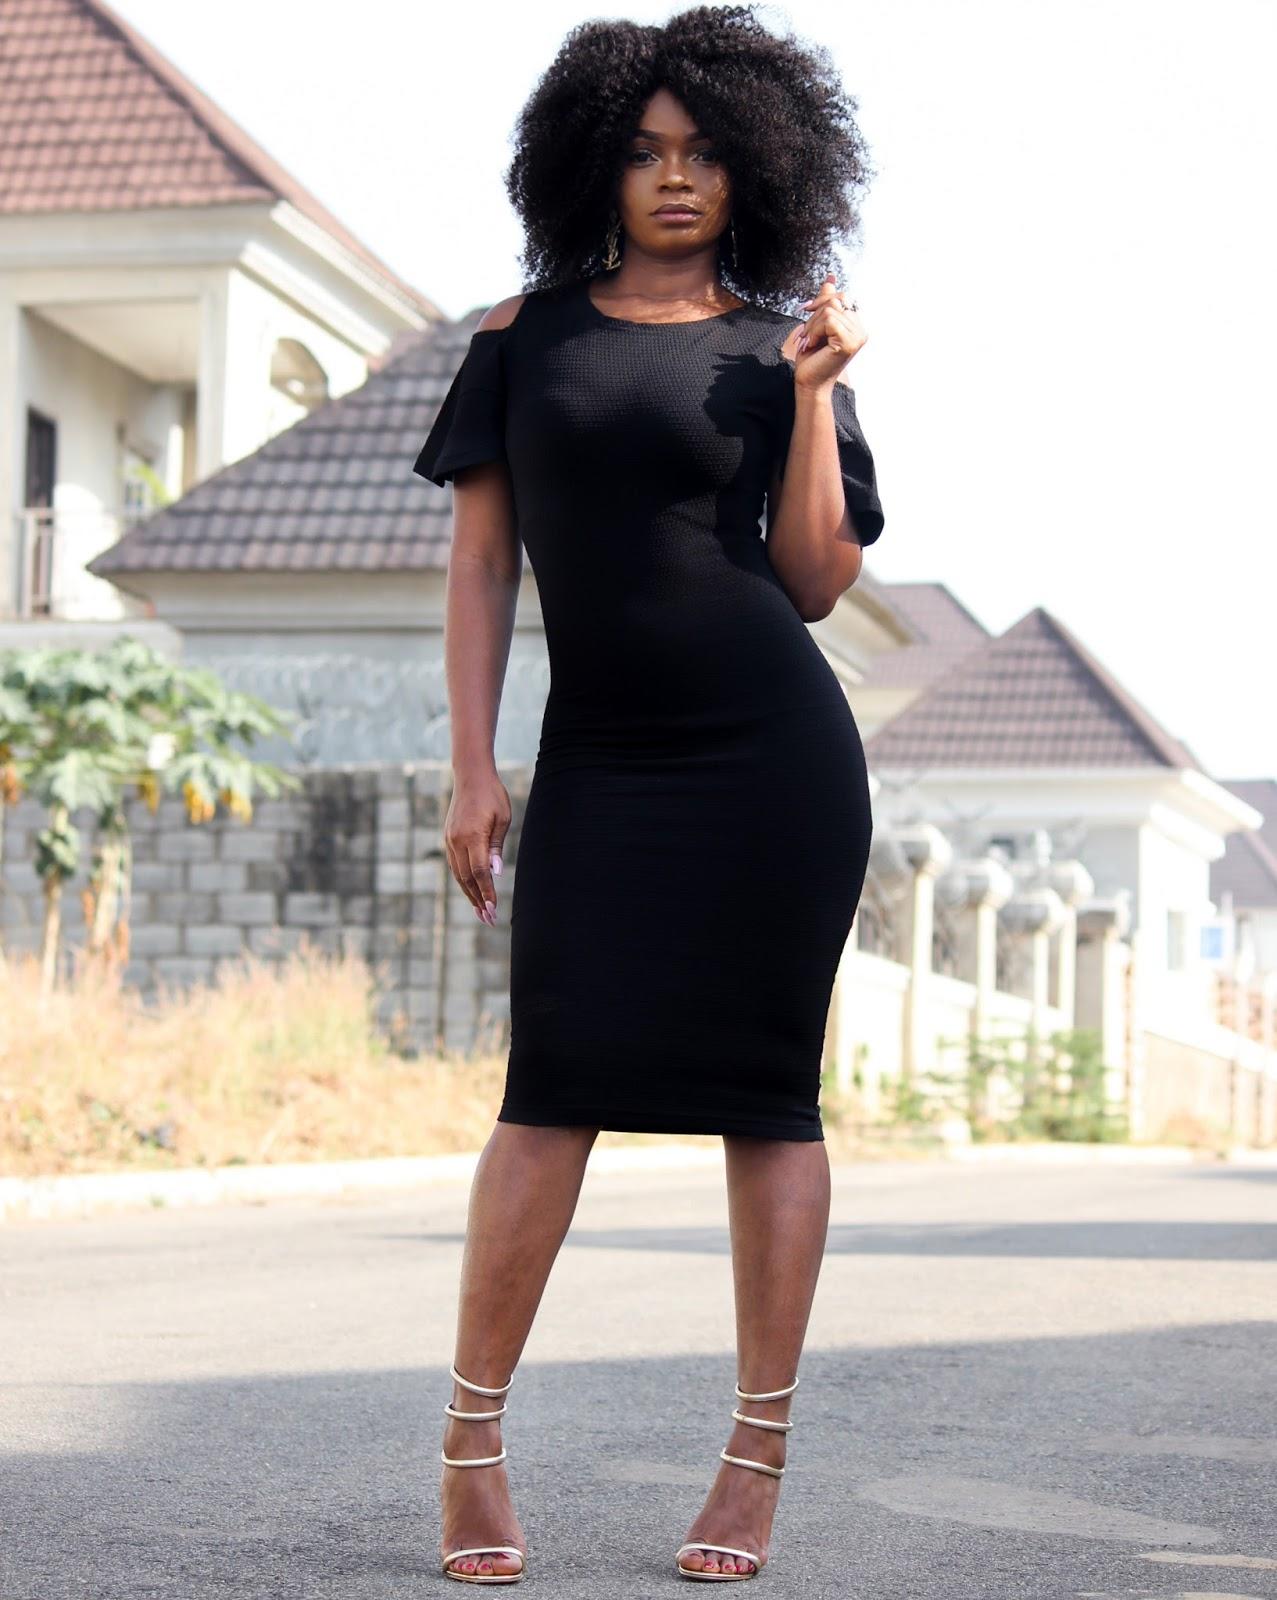 BLACK COLD SHOULDER DRESS - Jumia Black Cold Shoulder Dress JumiaxJustPorsh